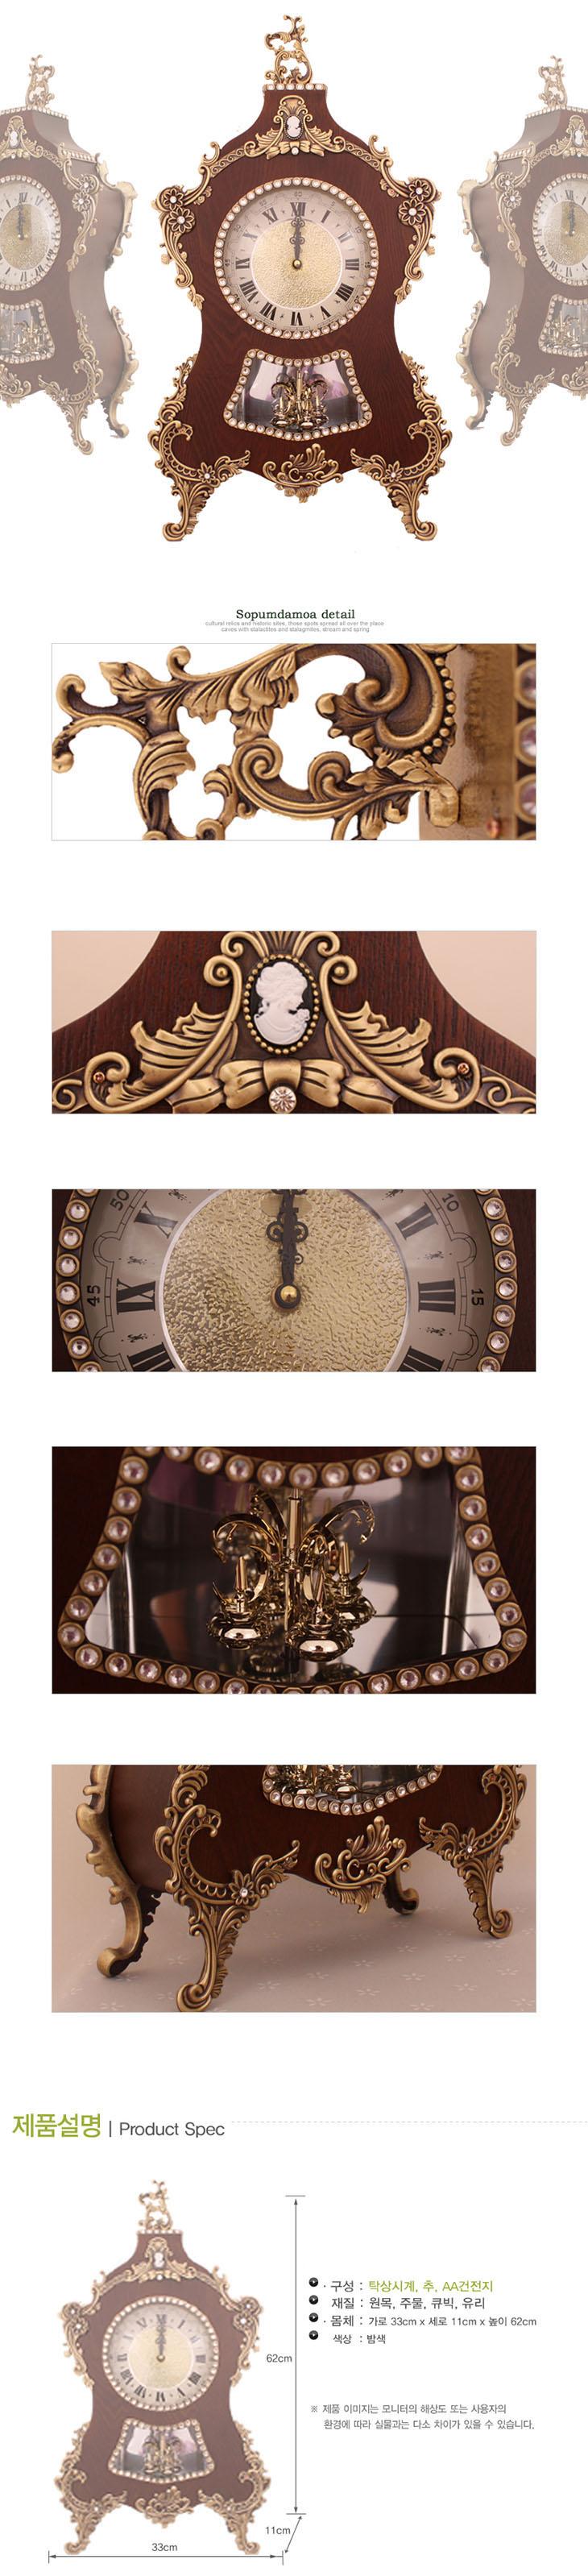 펠리니스대형 최고급 1904001 탁상시계 인테리어 - 람세스, 420,000원, 알람/탁상시계, 앤틱시계